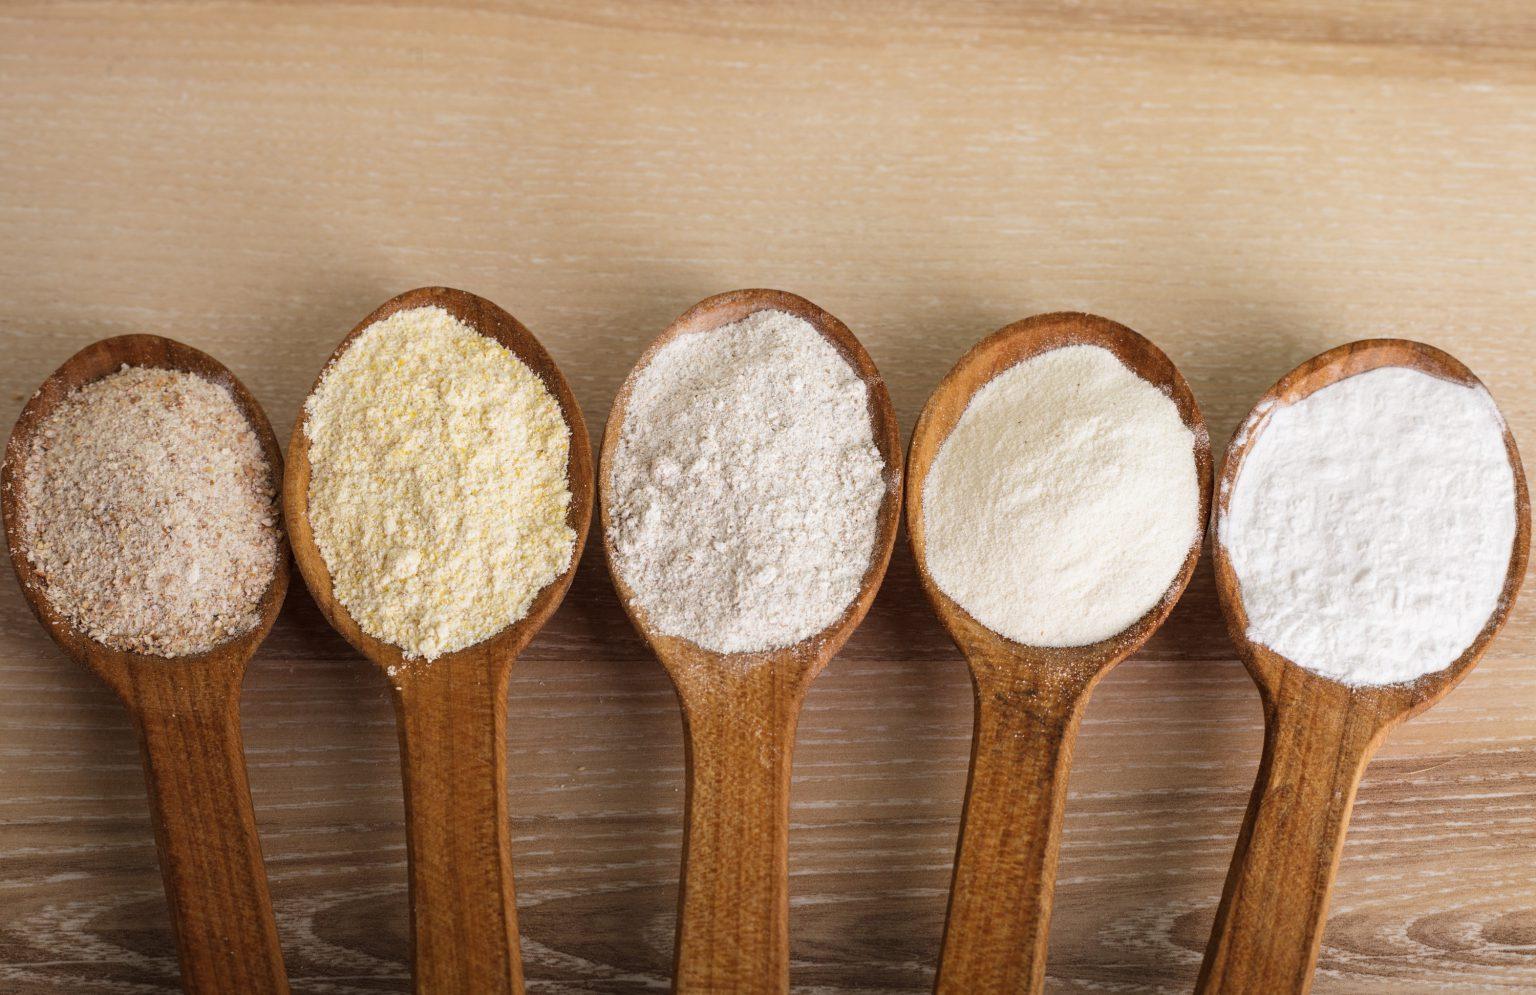 Saiba qual o tipo de farinha ideal para suas receitas funcionais